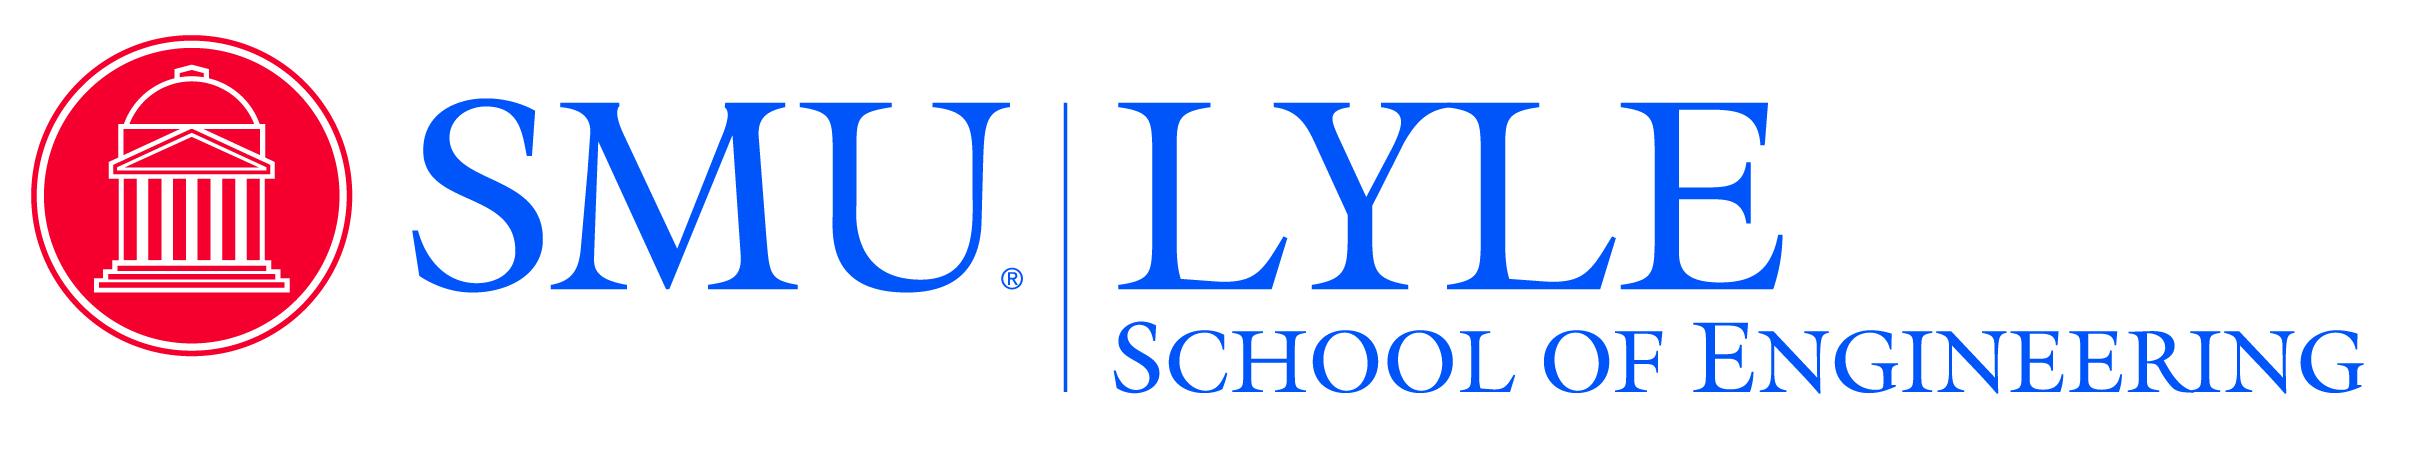 LYLE.RB